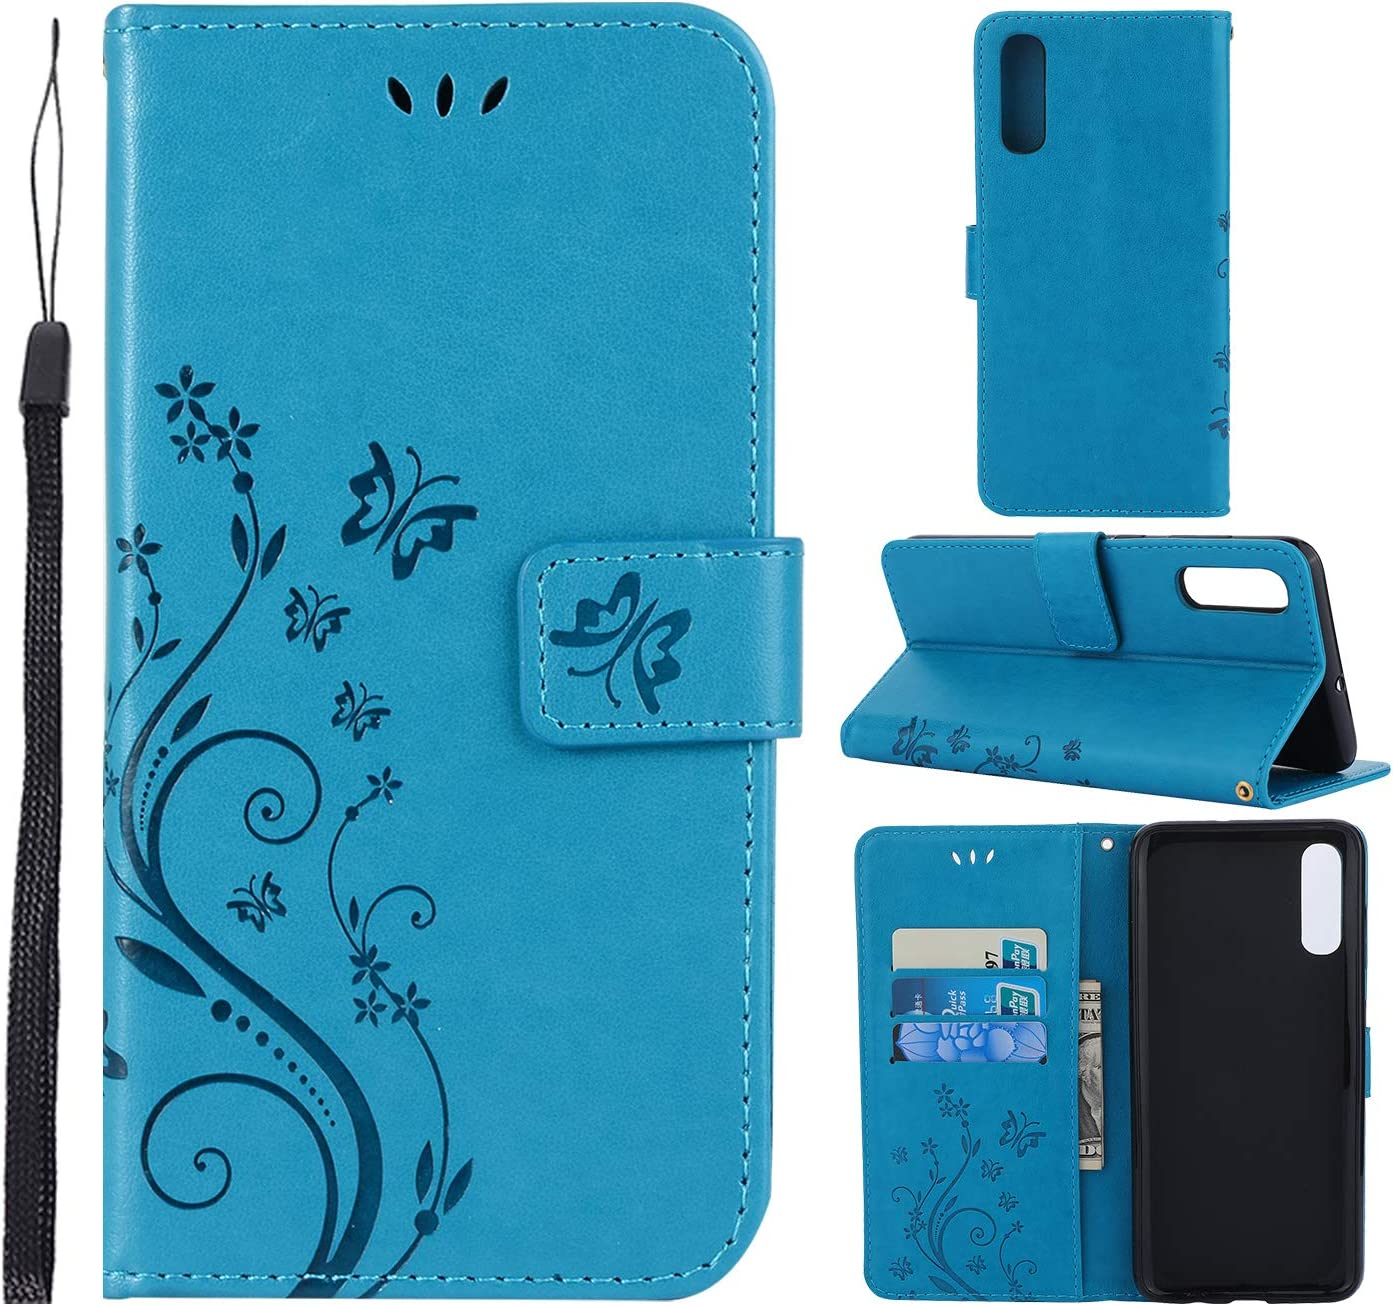 CMID Funda Samsung Galaxy A70, PU Cuero Libro Billetera Tapa Antigolpes Protective [Función de Soporte] Cartera Carcasa Case para Samsung Galaxy A70 (A-Azul): Amazon.es: Electrónica